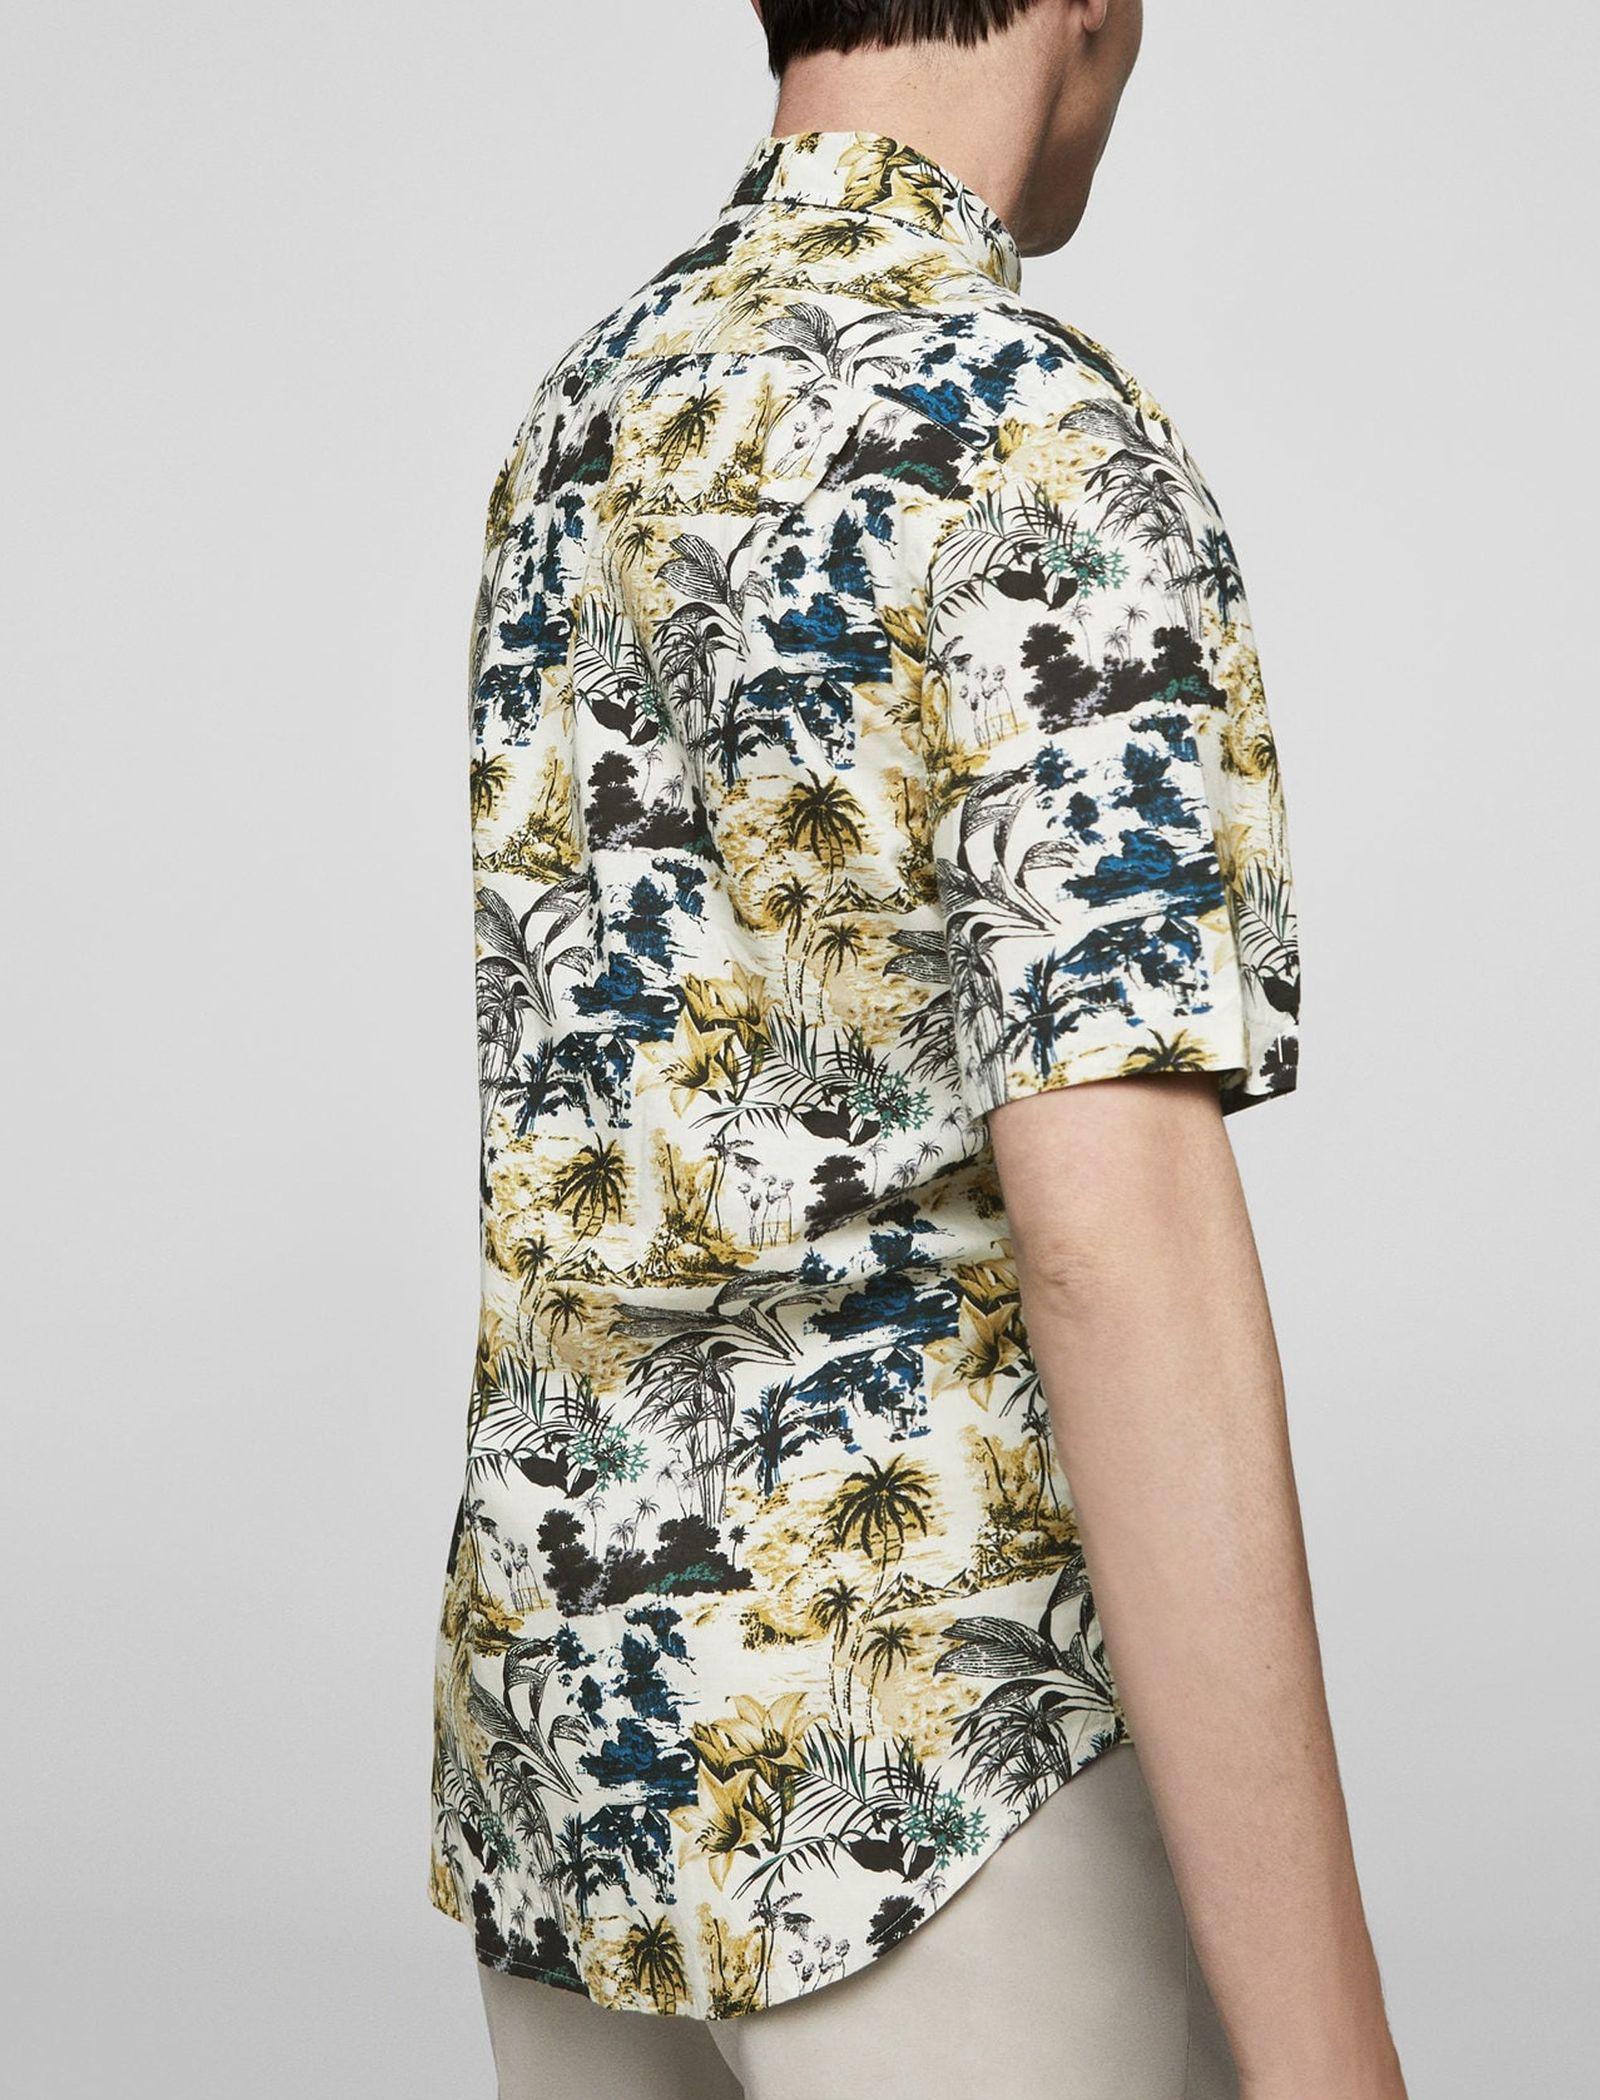 پیراهن نخی آستین کوتاه مردانه - مانگو - چند رنگ - 3